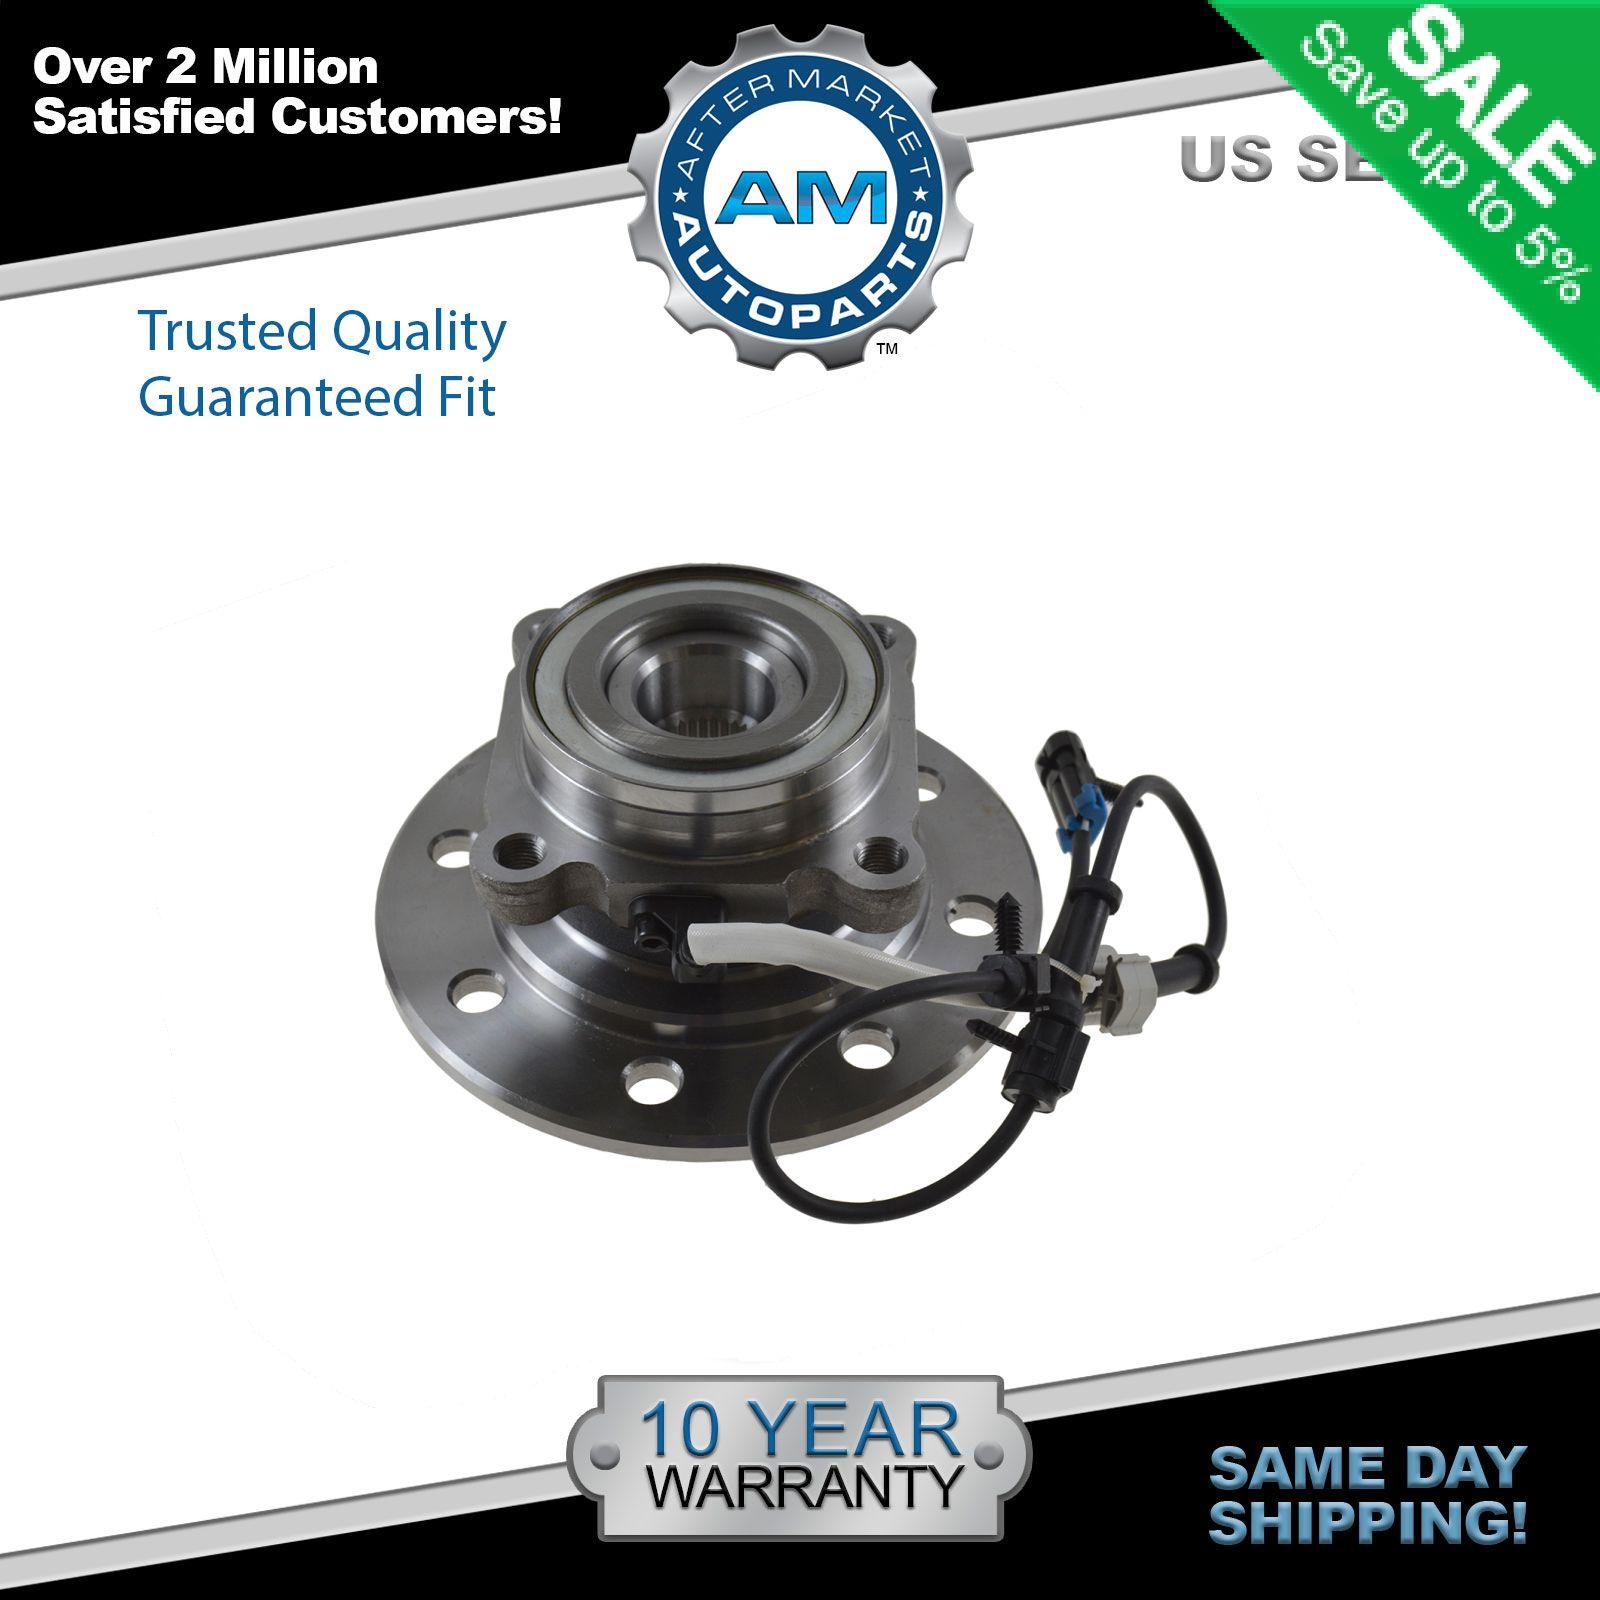 Front Wheel Hub /& Bearing Assembly for Chevrolet /& GMC K1500 K2500 K3500 Trucks